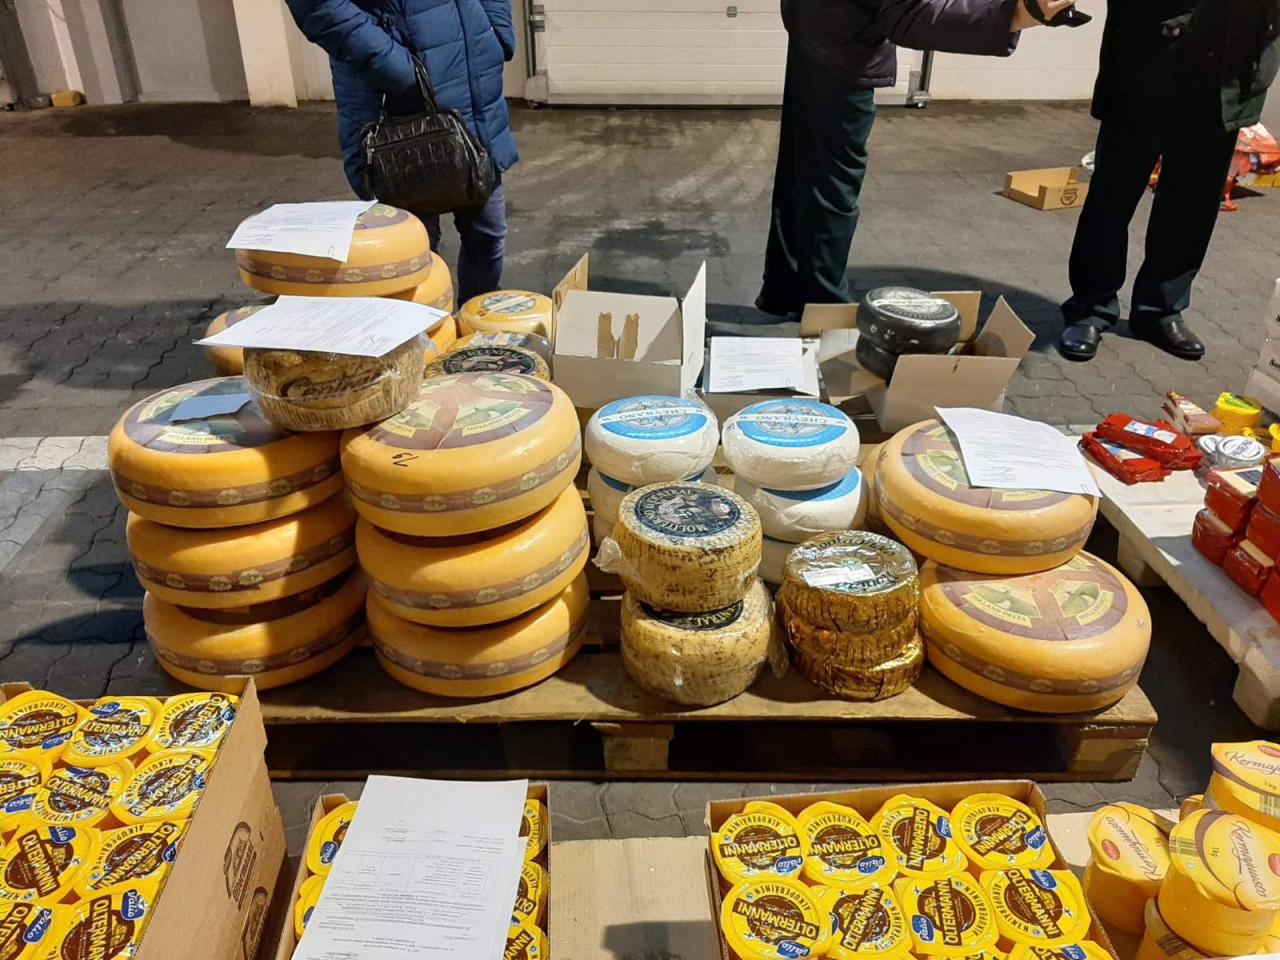 ФОТО: Европейский сыр не пройдет! 1,5 тонны еды из ЕС сожгли на Выборгской таможне